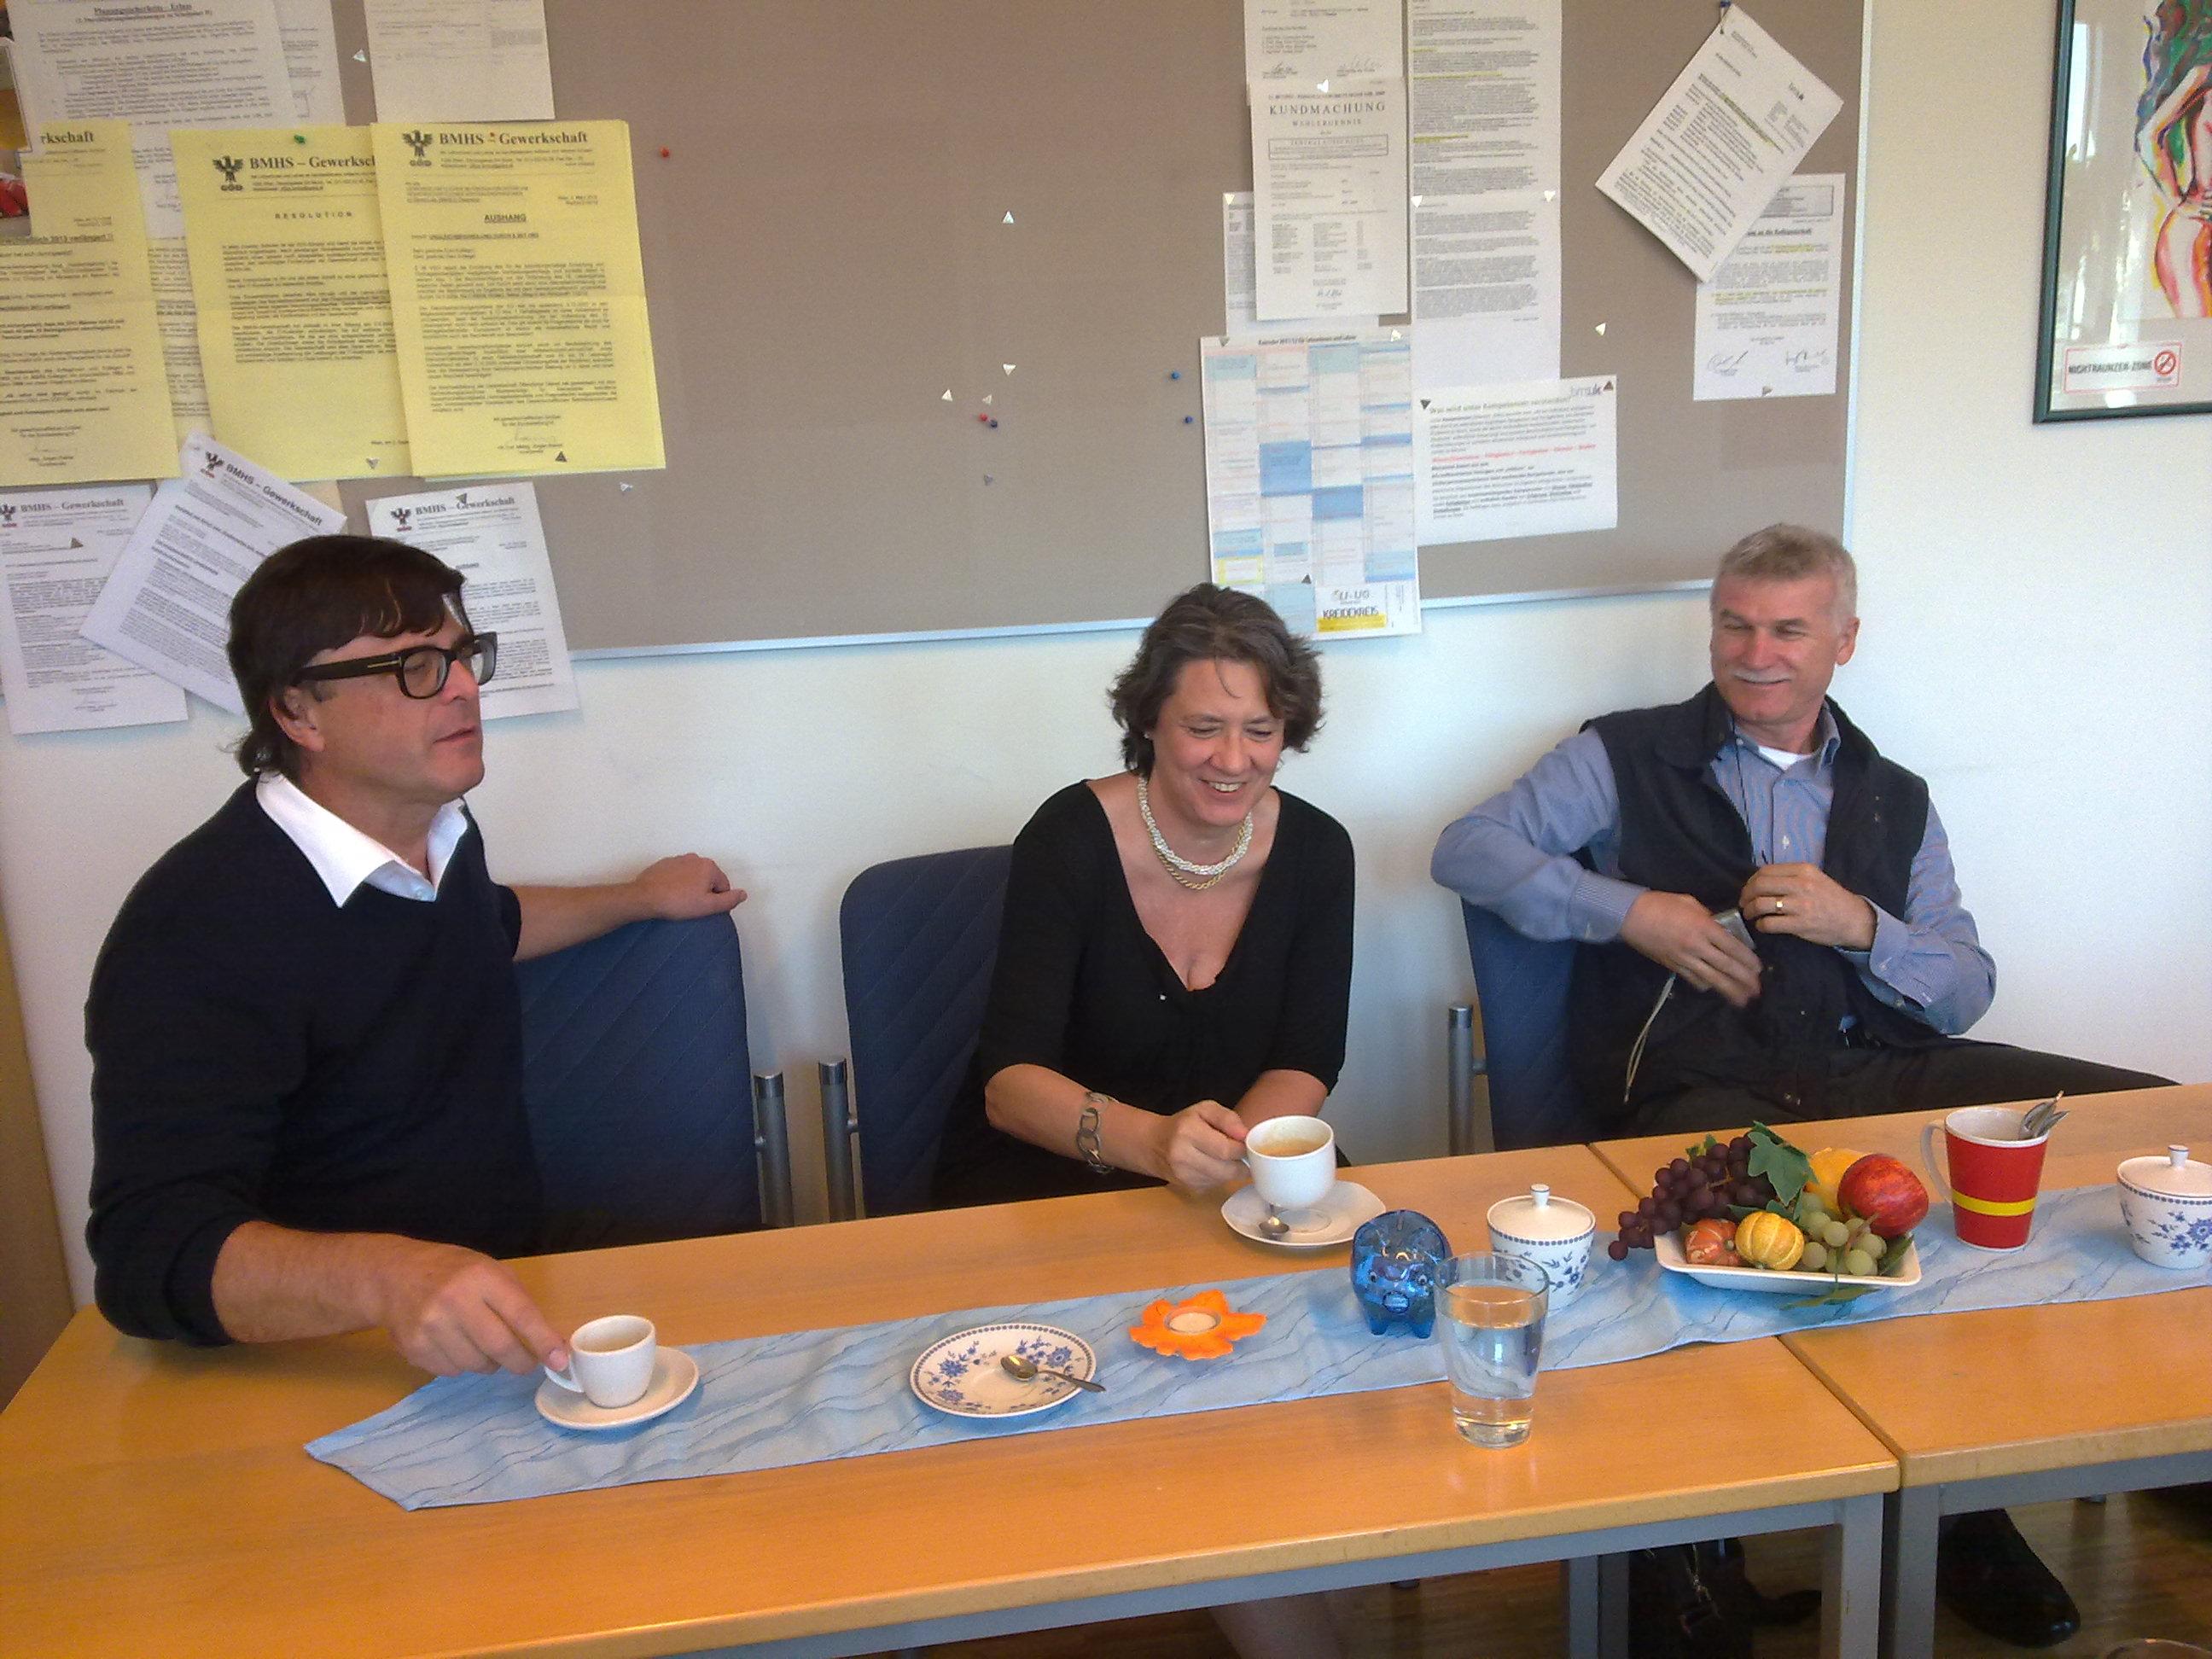 Il direttore Winkler, il dirigente scolastico prof.ssa Pertoldi e il prof. Del Zotto